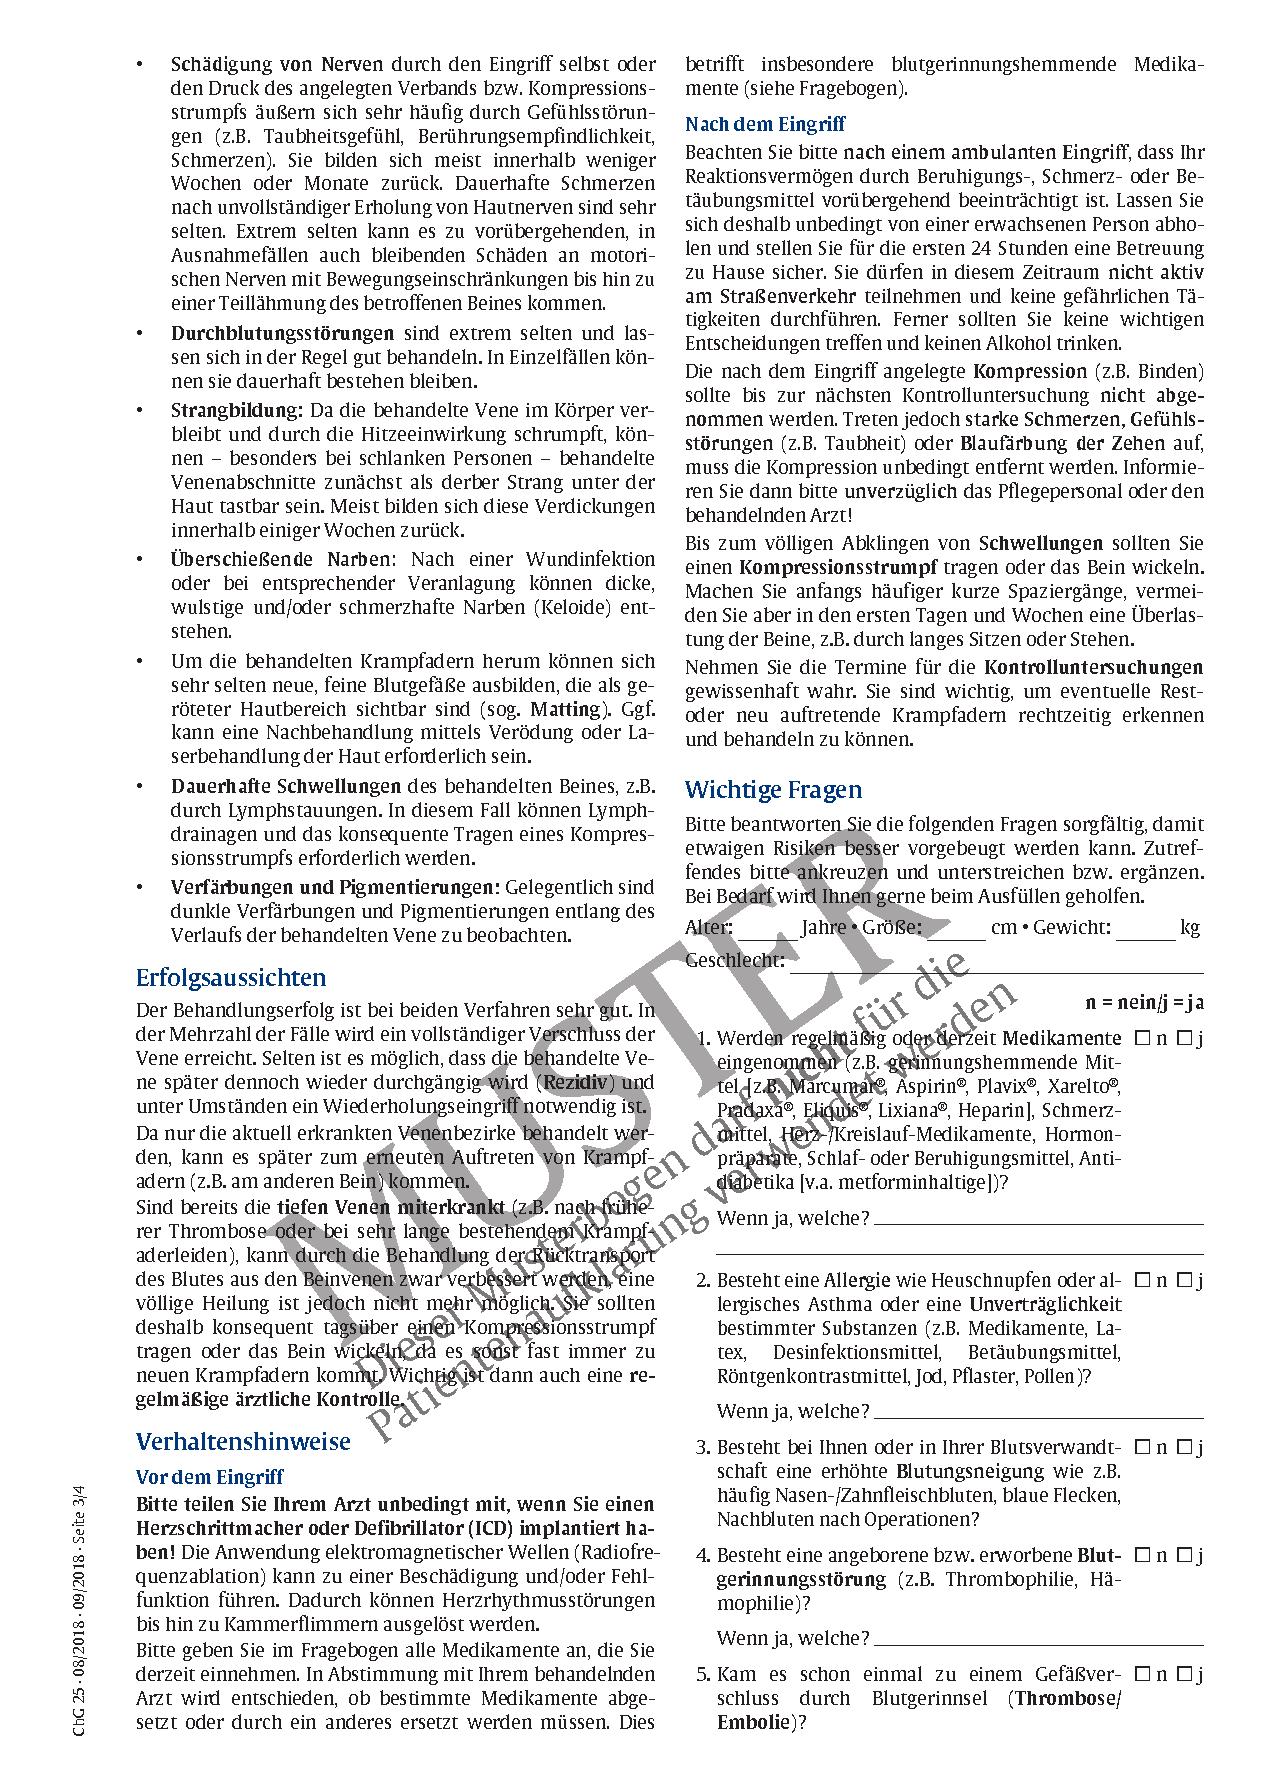 Ungewöhnlich Krampfadern Anatomie Fotos - Anatomie Von Menschlichen ...